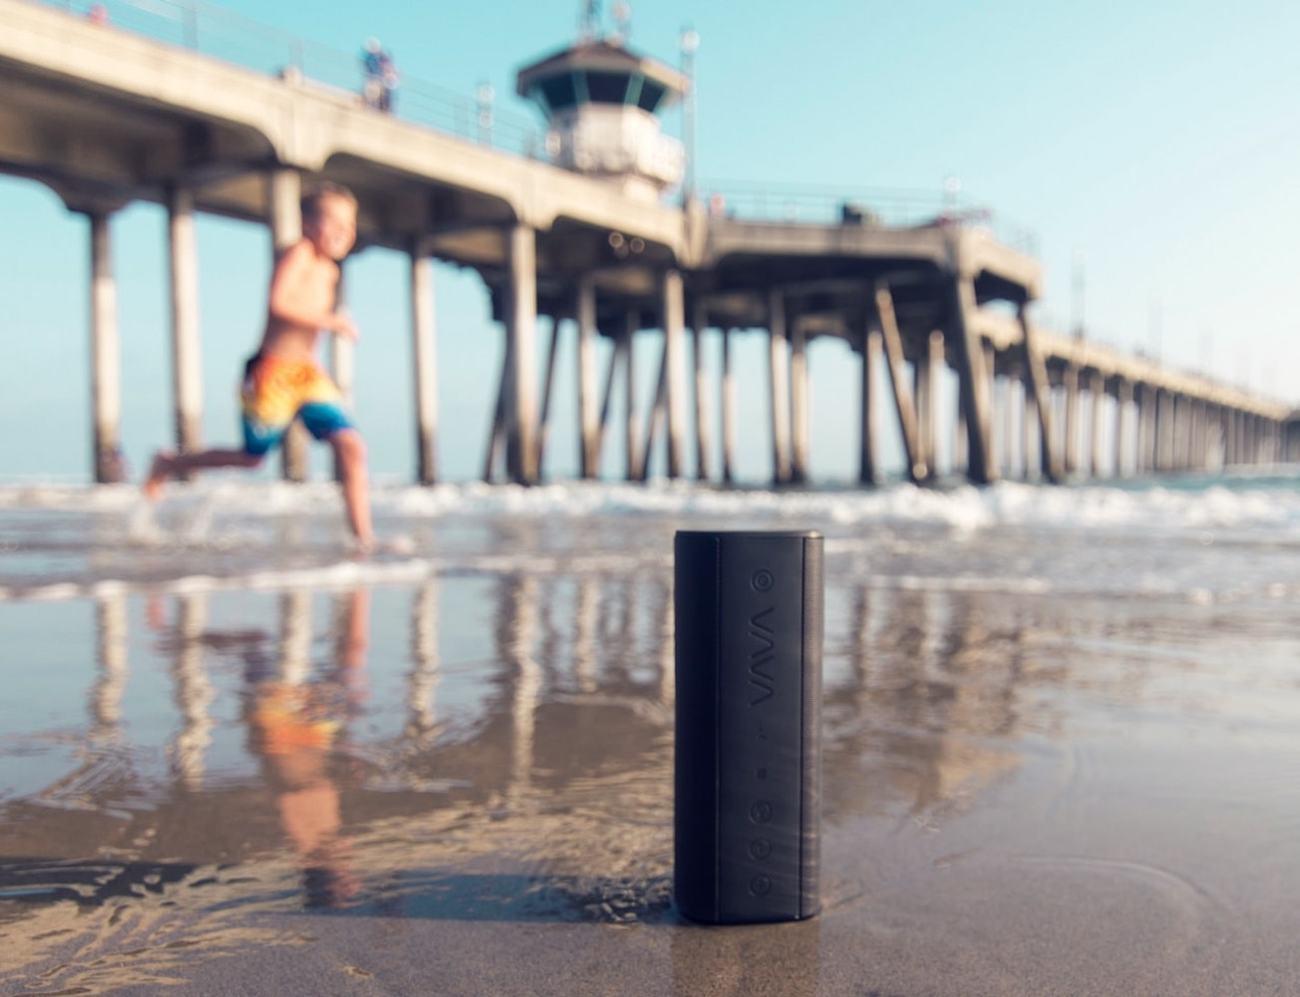 VAVA Voom 20 Portable Bluetooth Speaker